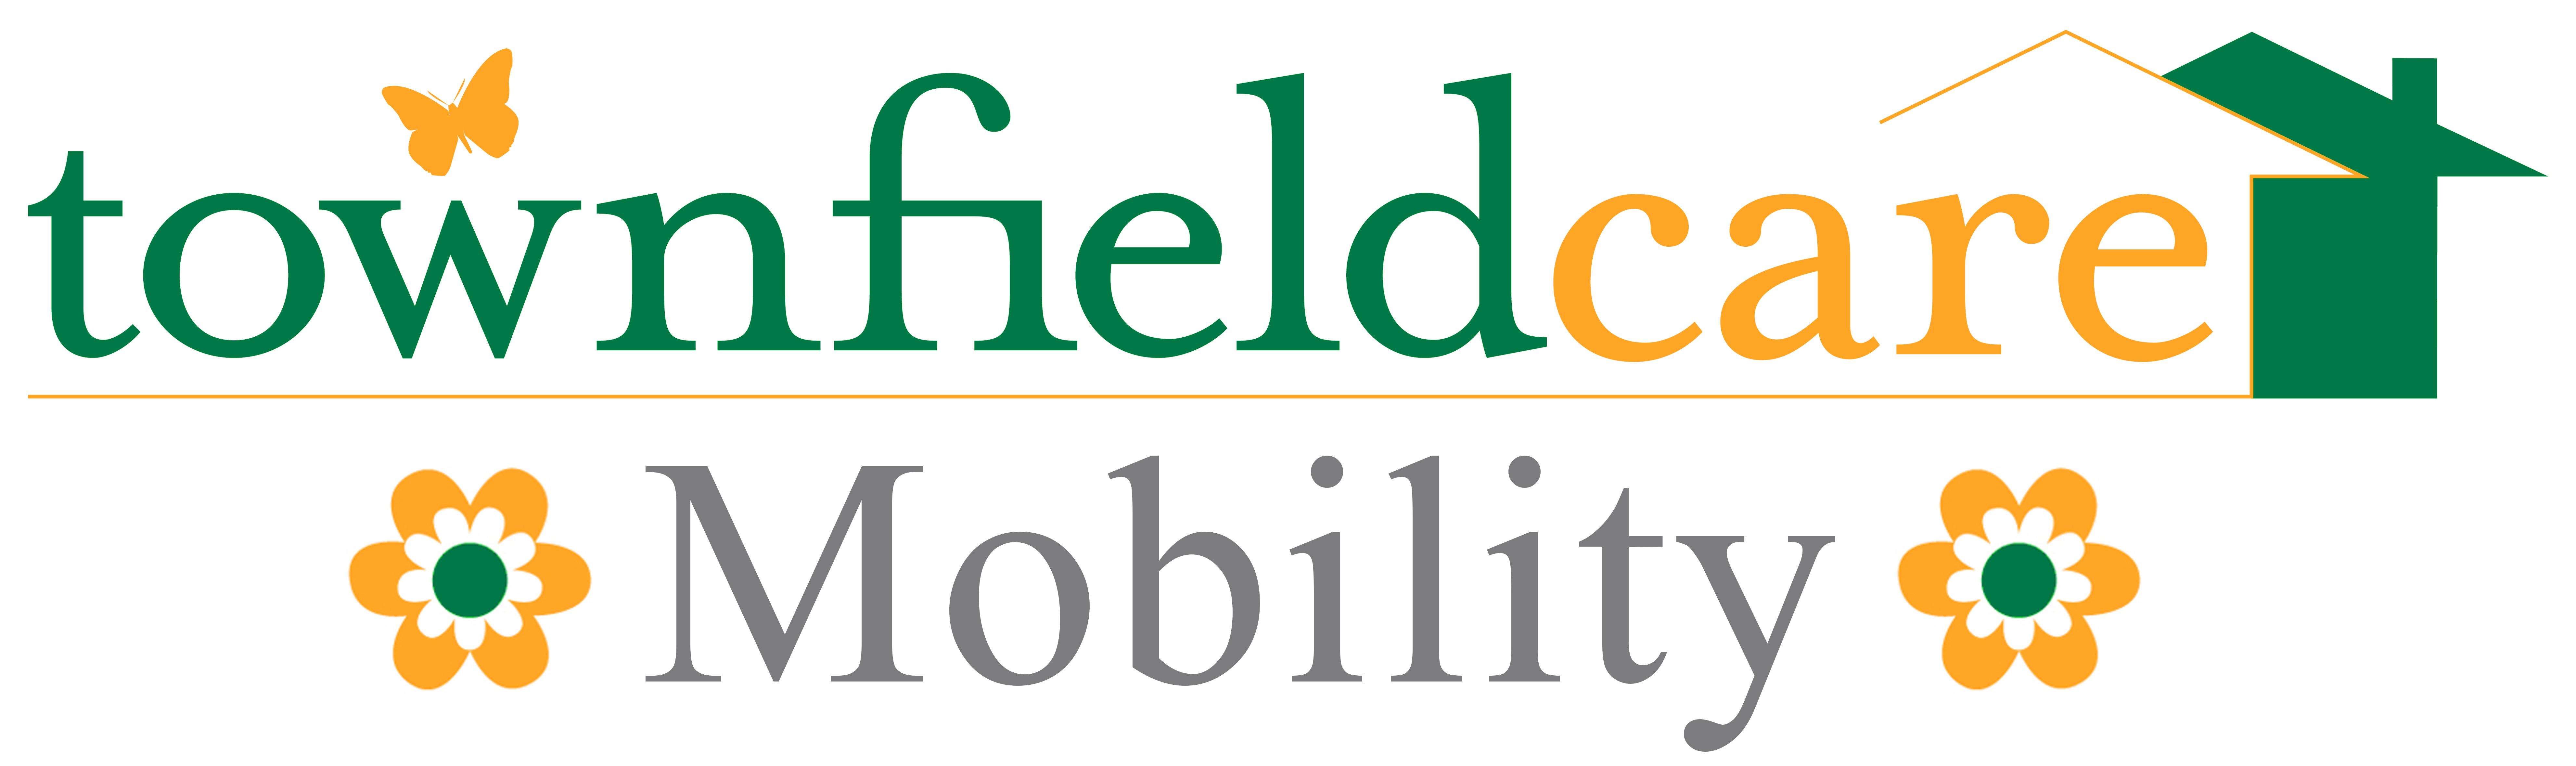 www.townfieldmobility.co.uk